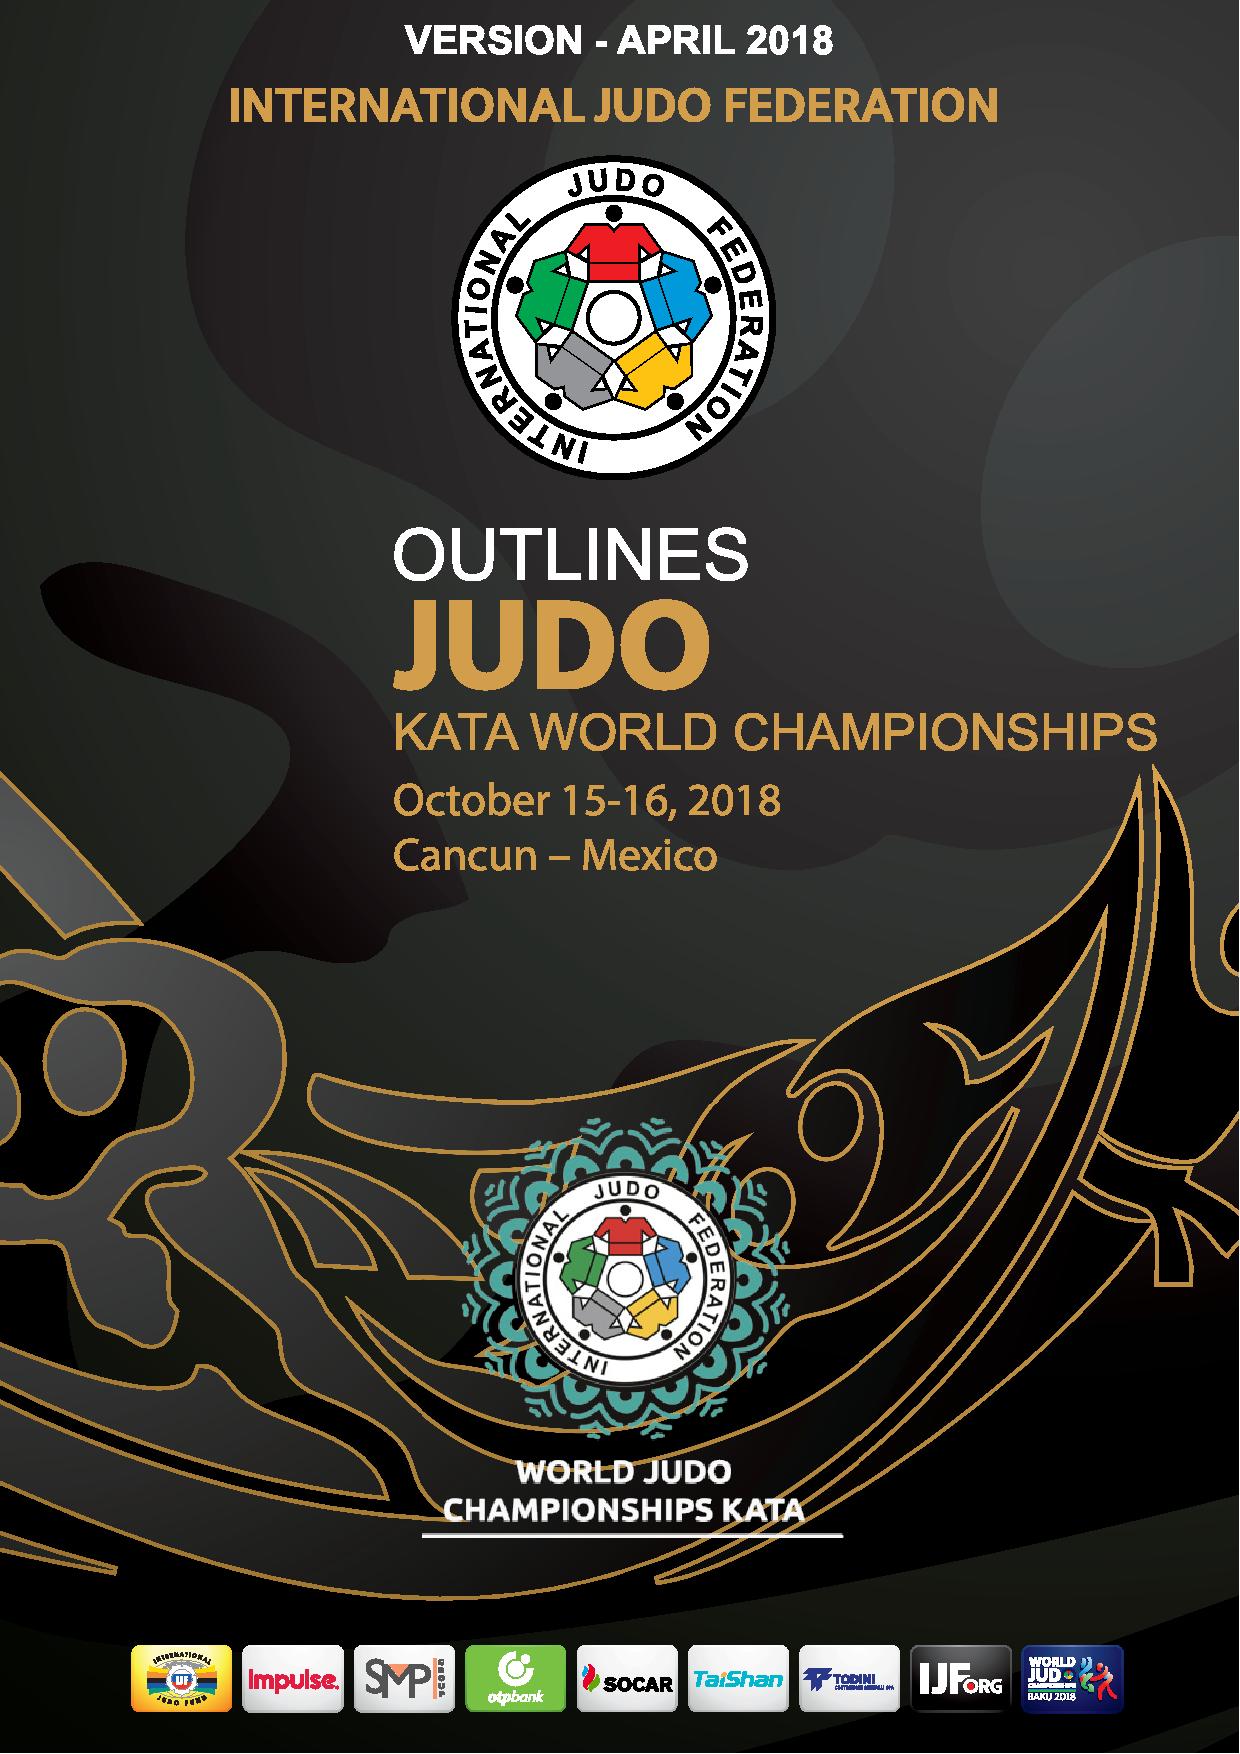 KATA WORLD CHAMPIONSHIPS 2018